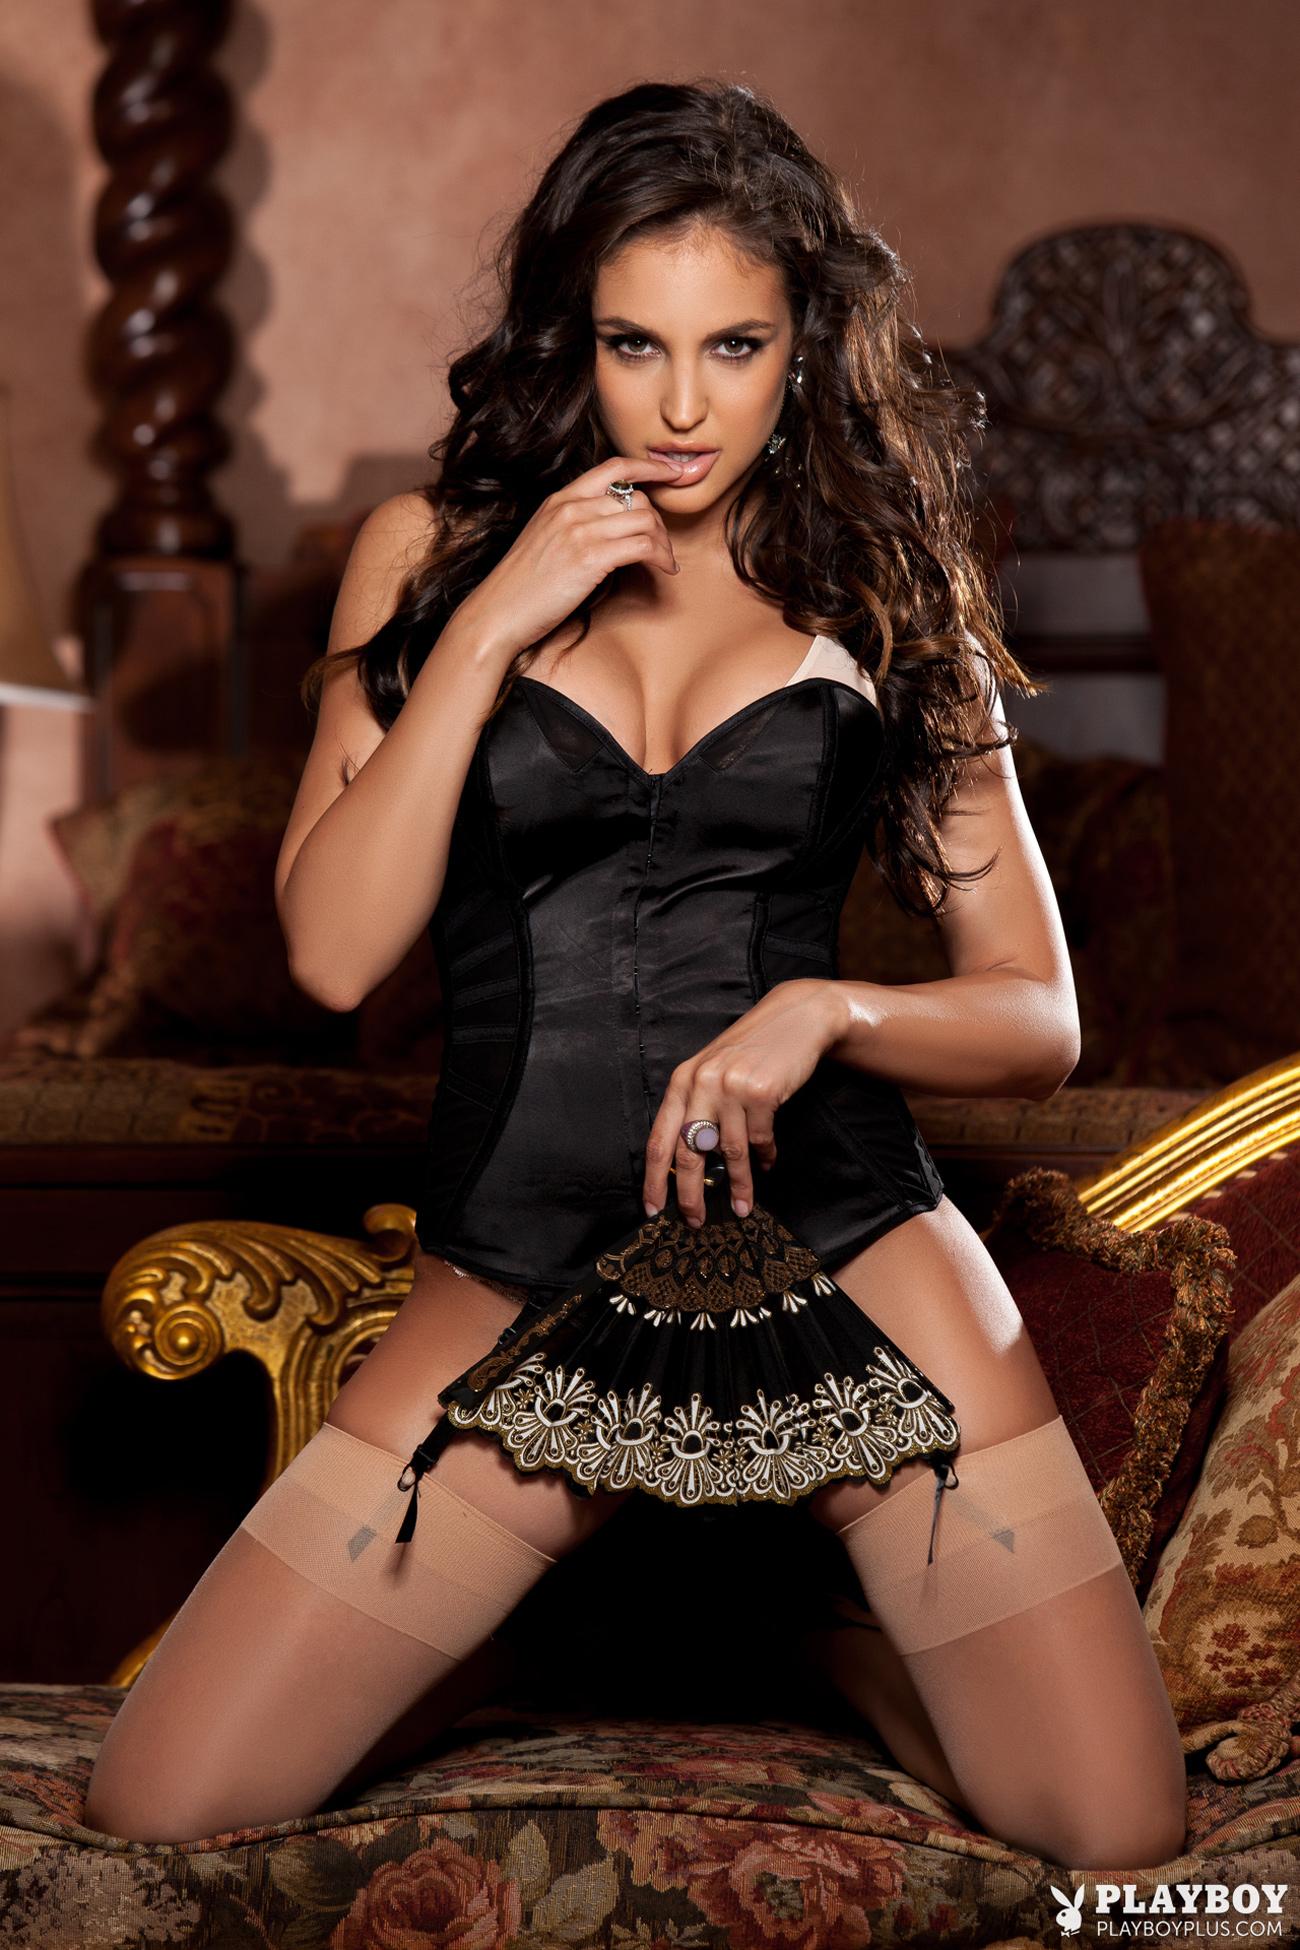 jaclyn-swedberg-corset-stockings-playboy-04